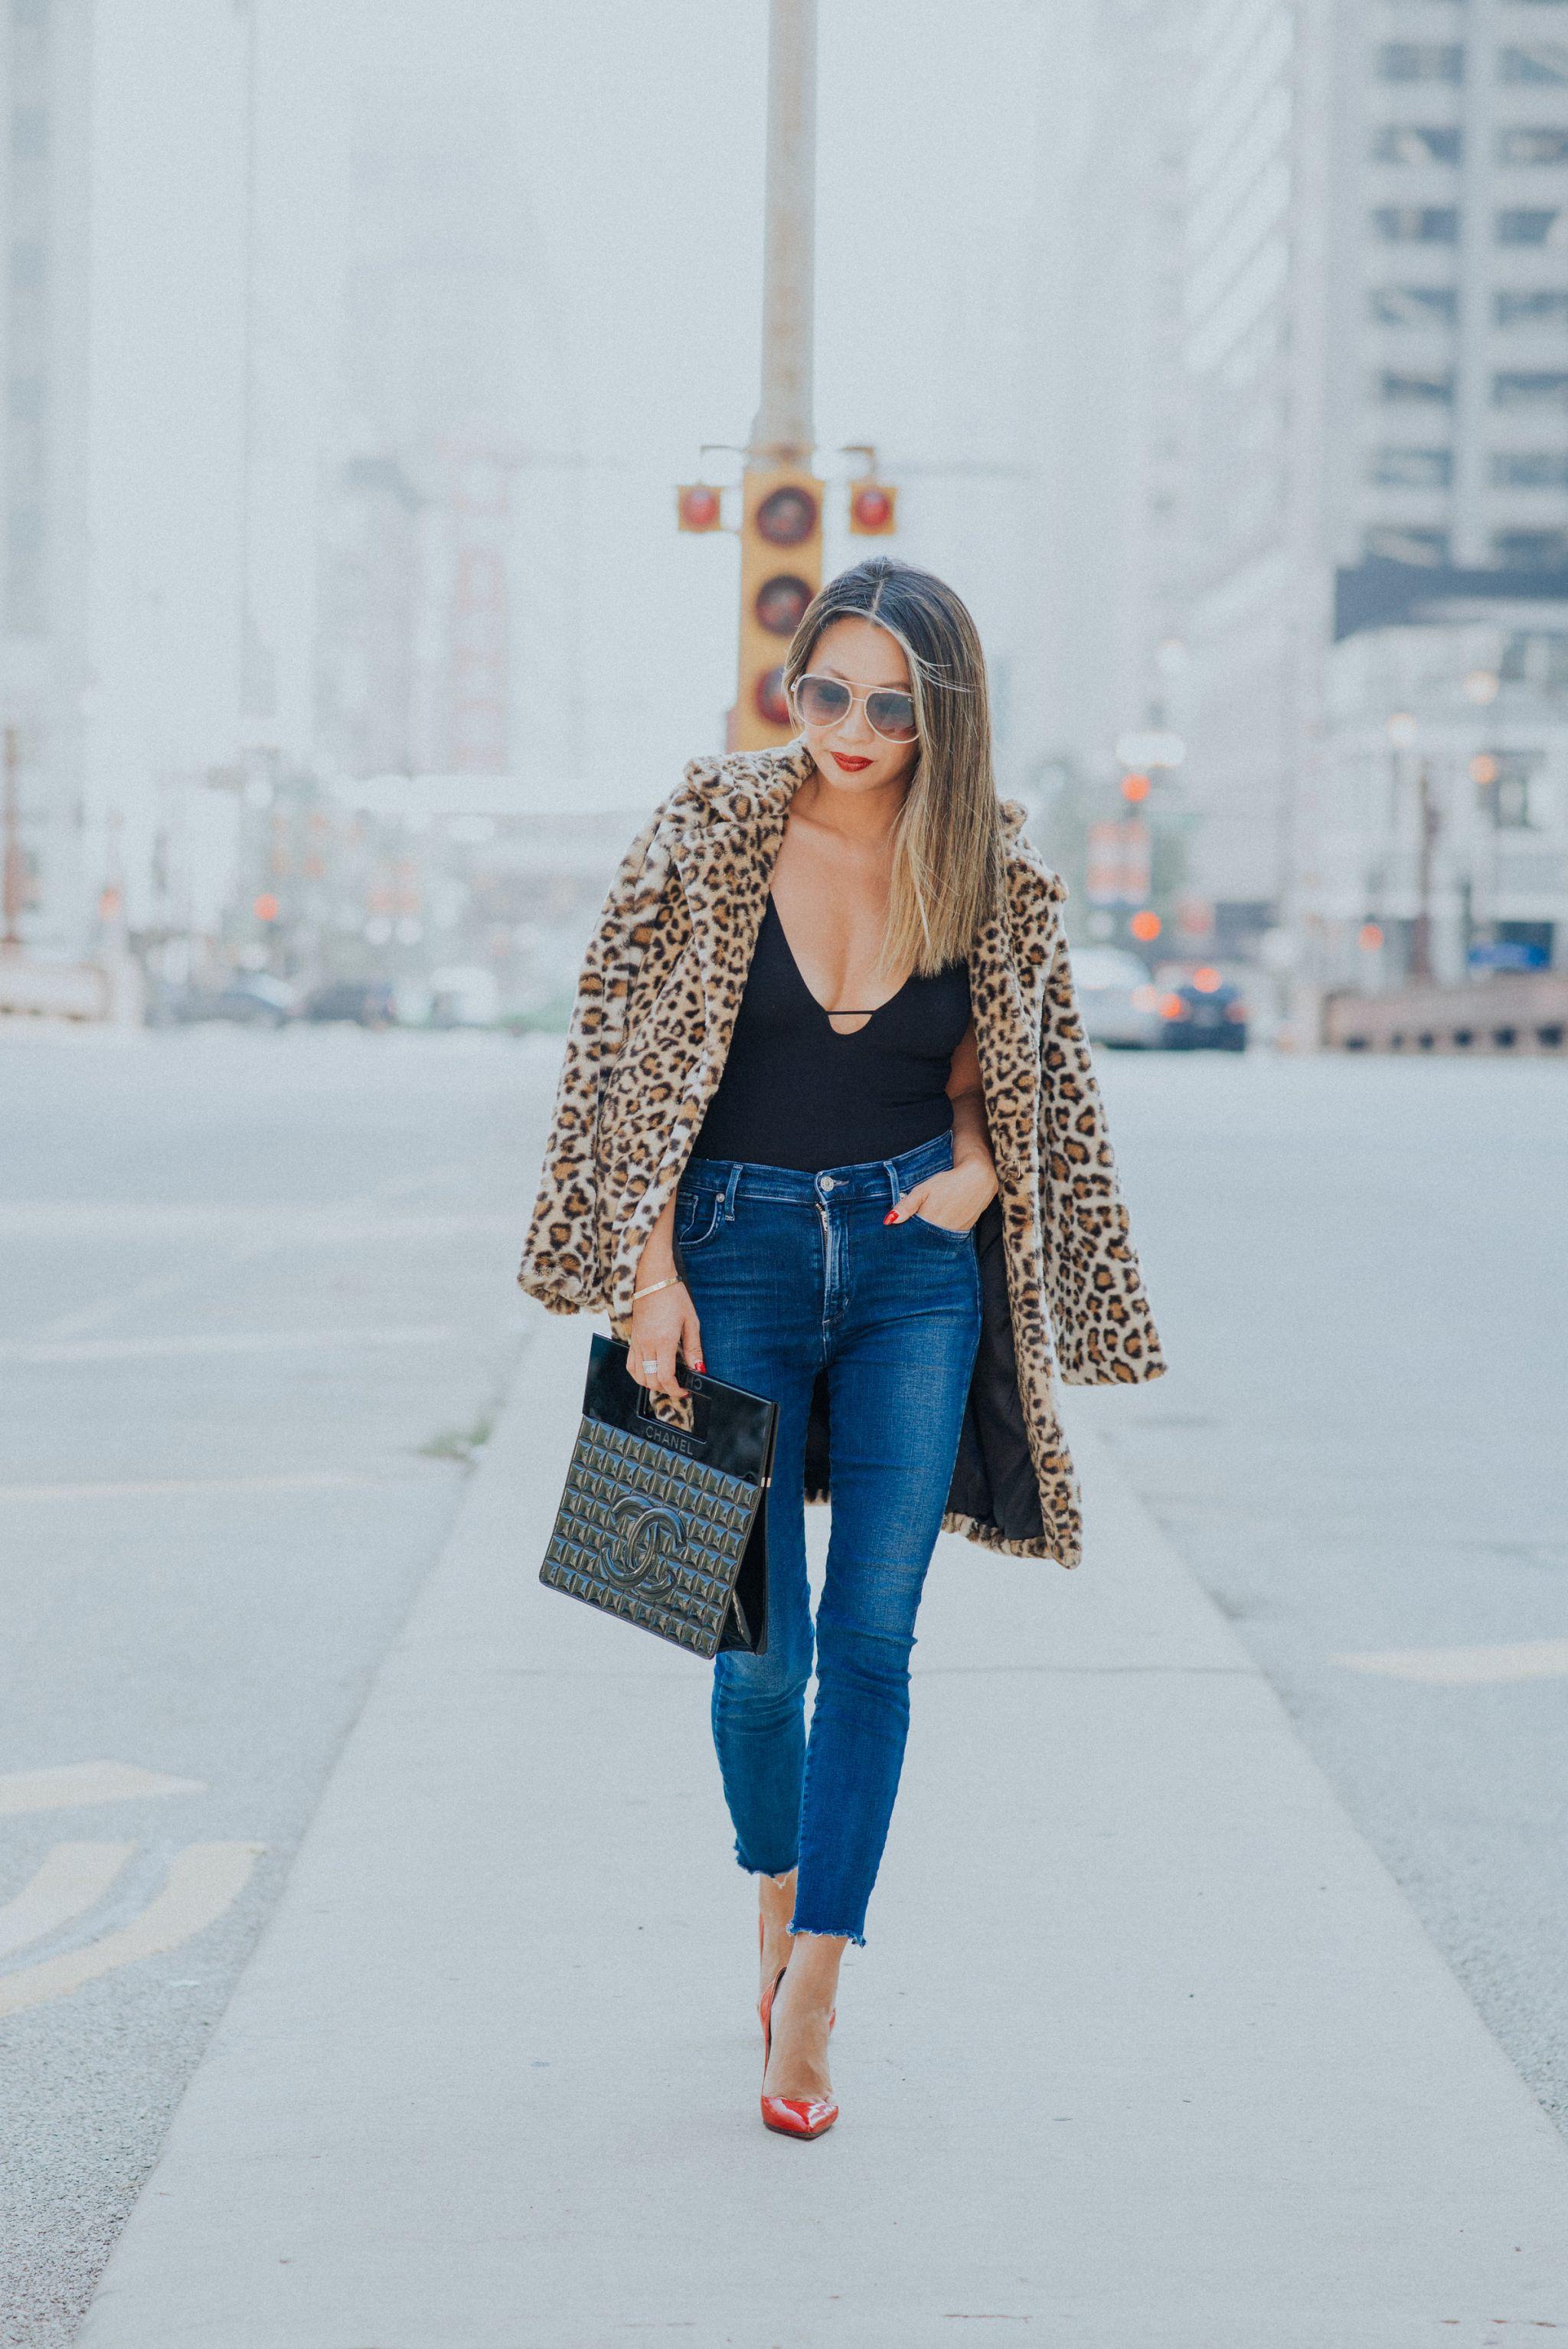 leopard faux fur jacket , leopard fur coat, leopard faux fur shopbop, how to style a faux fur jacket, chicago style blogger, leopard jacket, steal leopard coat, jennifer worman